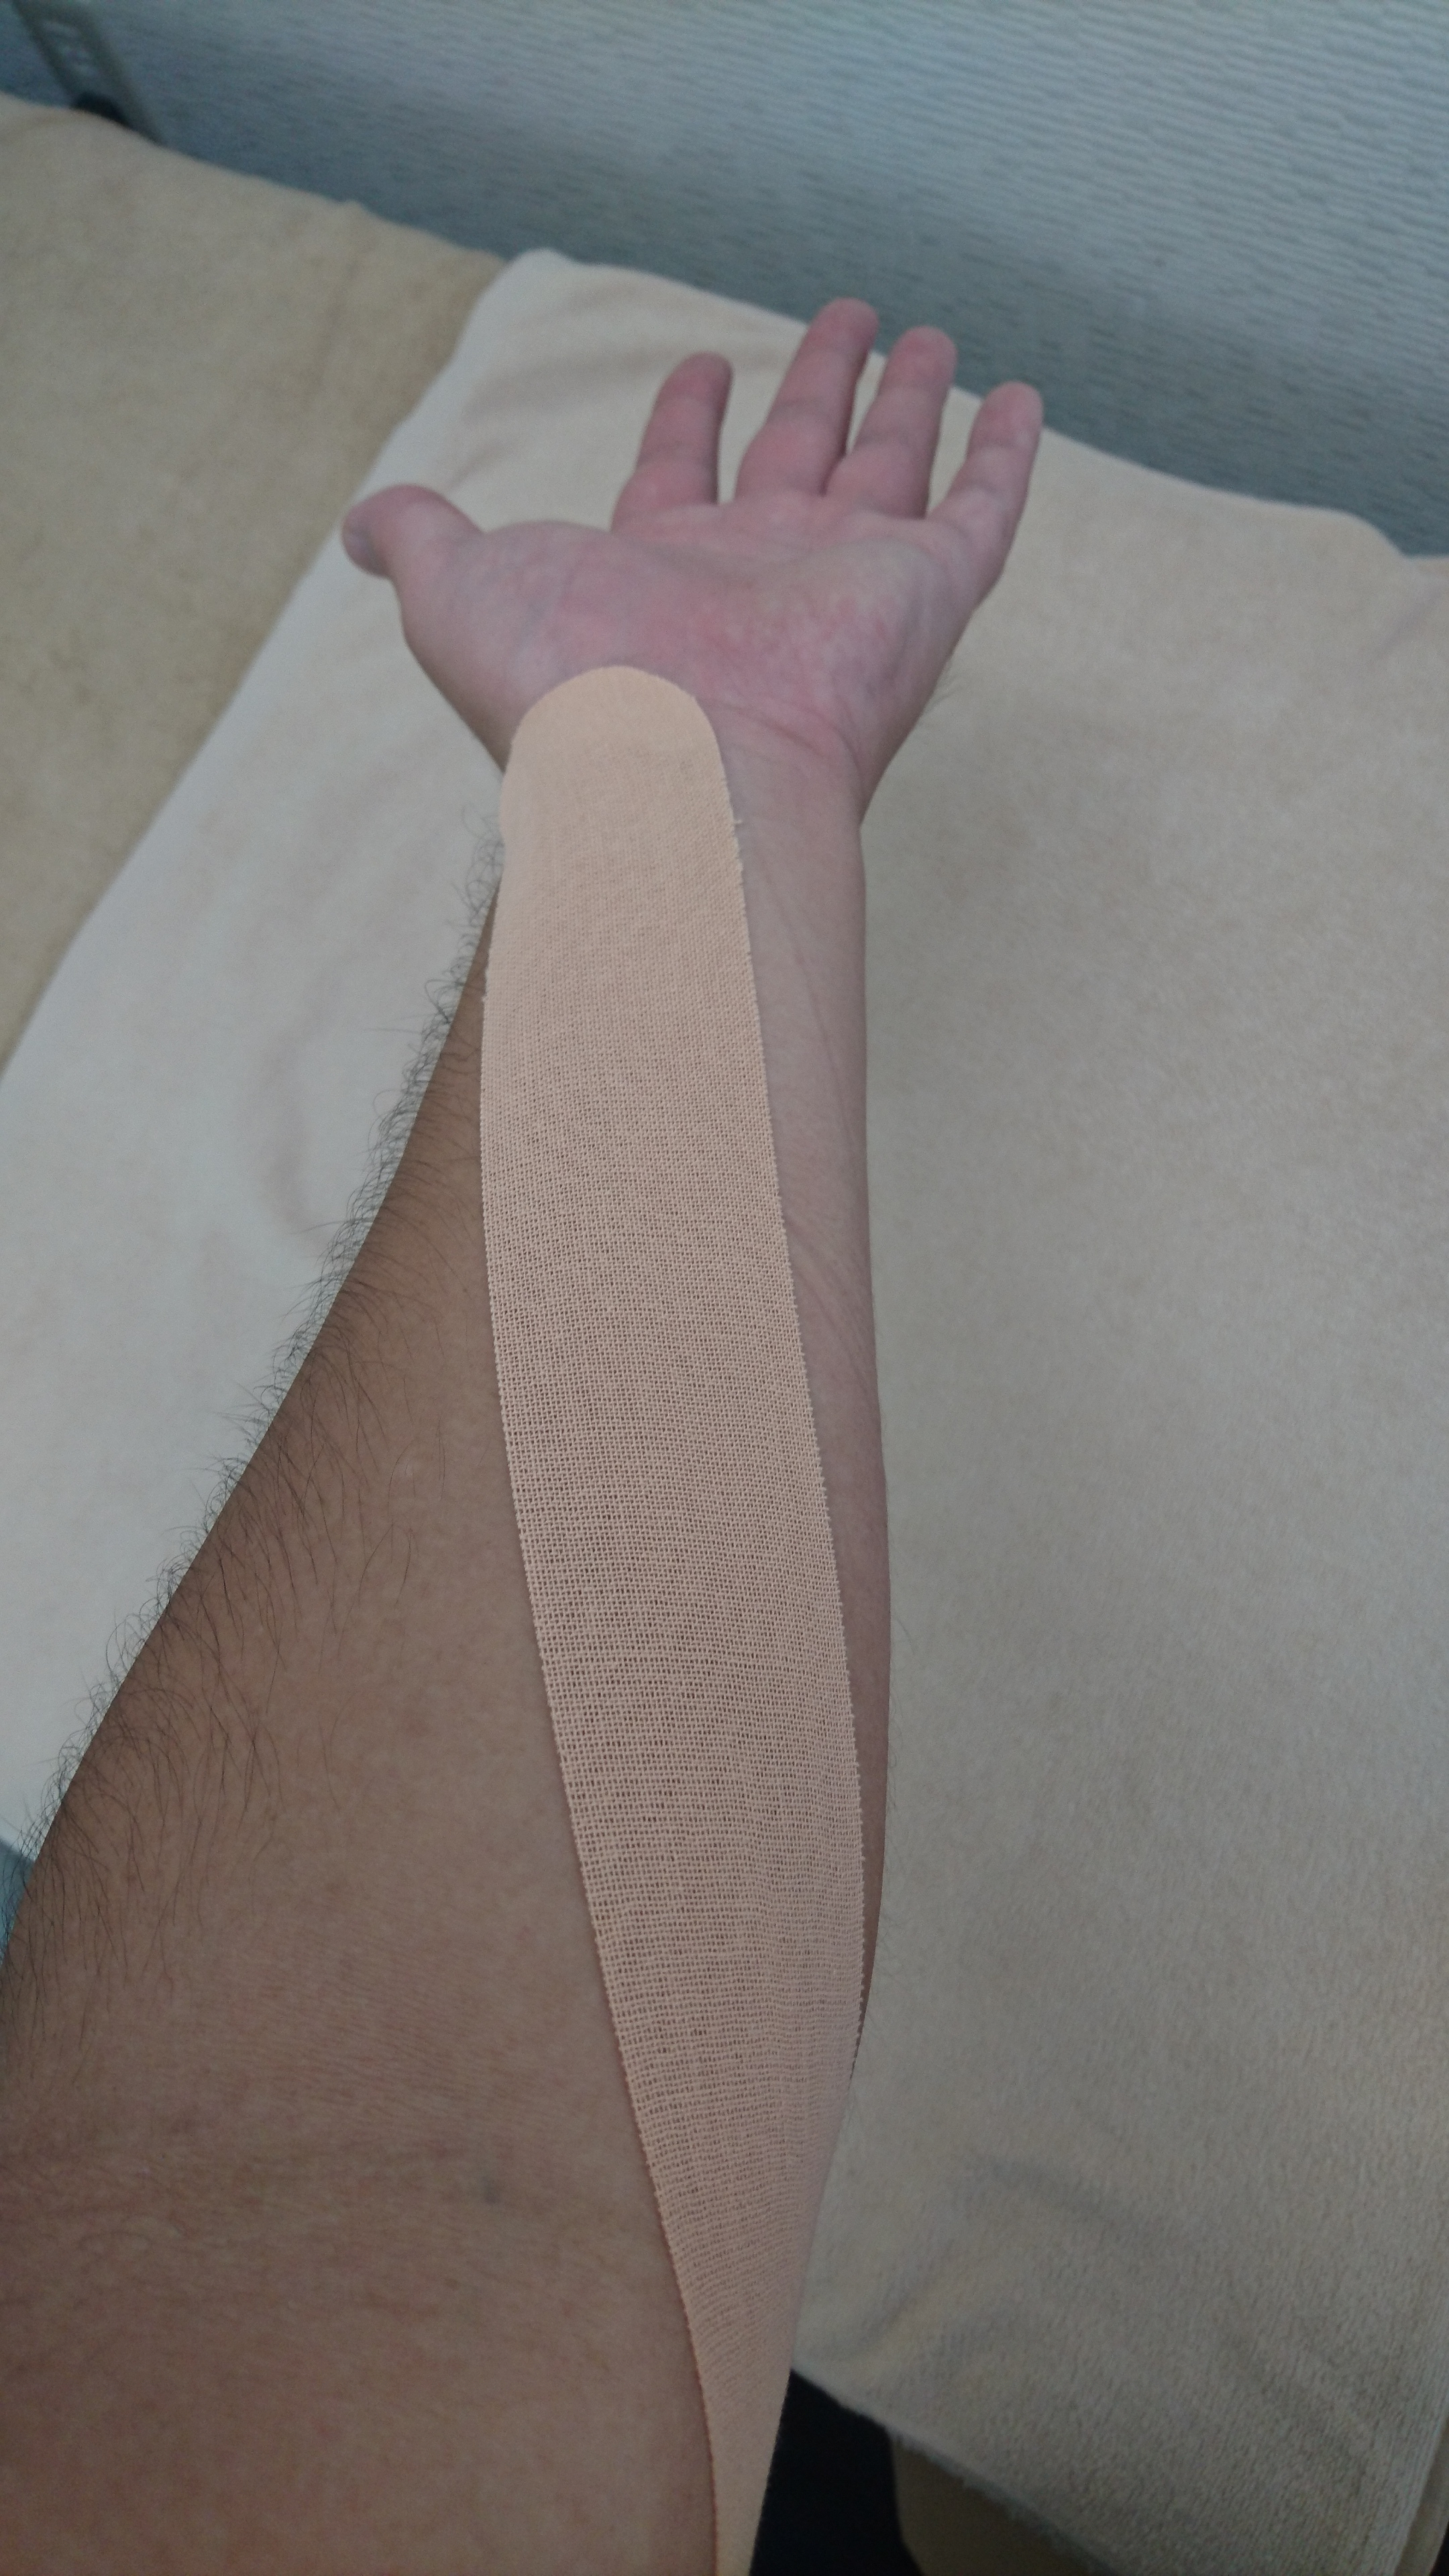 テーピング 野球 肘 野球肘の痛みと治し方・テーピングで緩和する方法